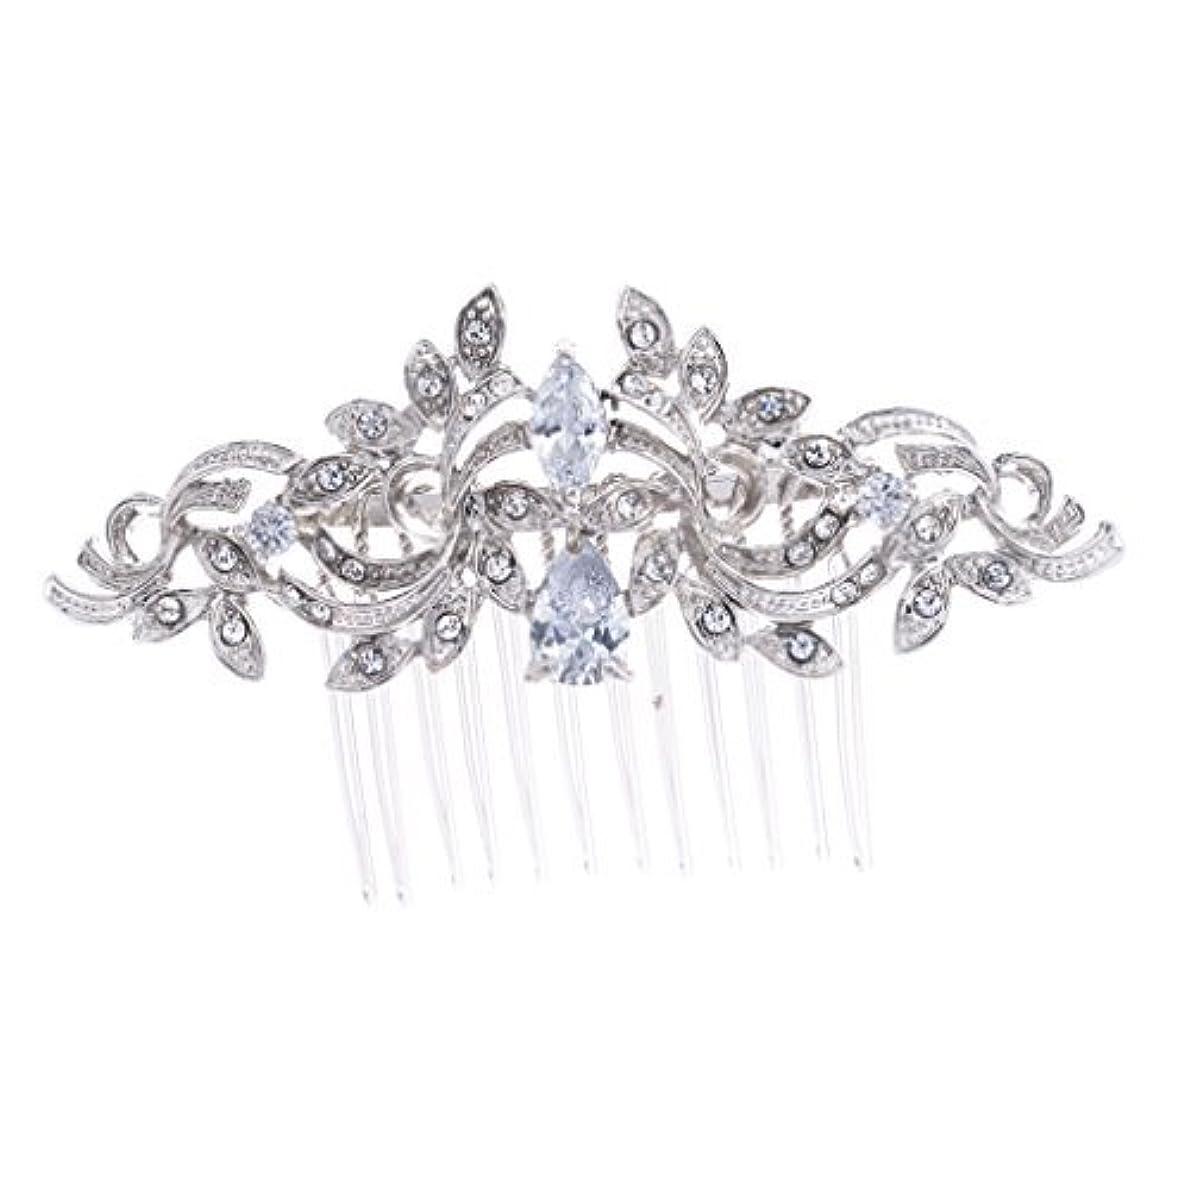 いたずらな明るくする十分ではないSEPBRIDALS Crystal Rhinestone Leaves Hair Comb Hair Pins Bridal Wedding Hair Accessories Jewelry 4012R [並行輸入品]